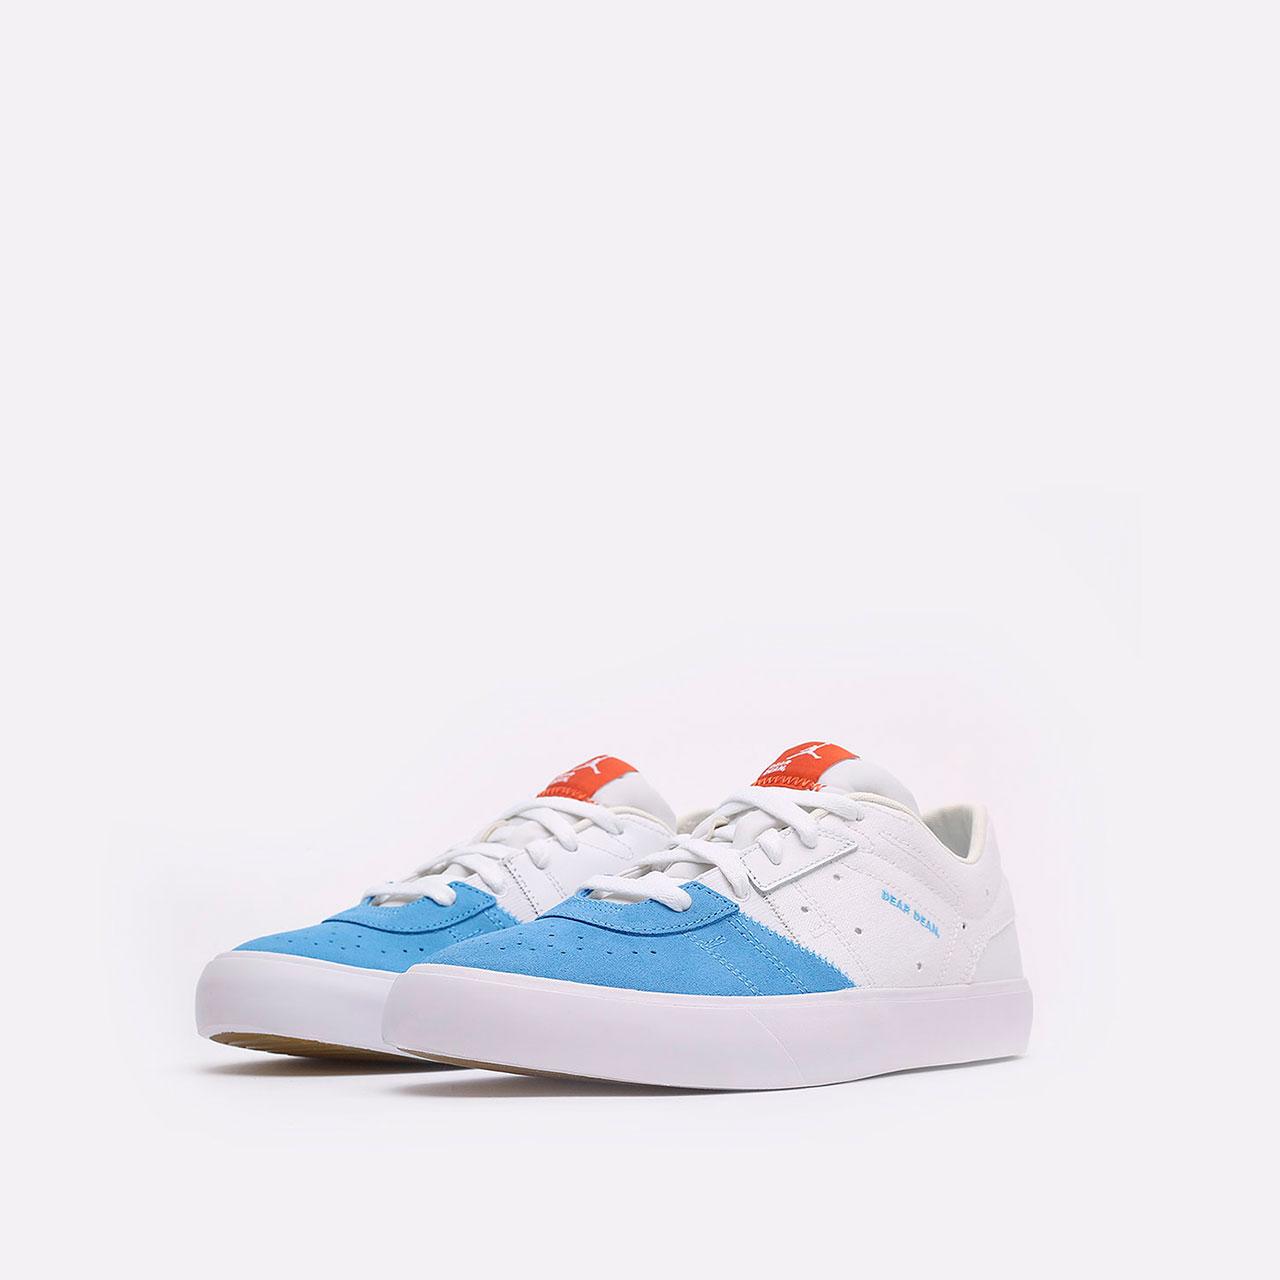 мужские голубые, белые  кроссовки jordan series.02 DJ0417-100 - цена, описание, фото 4